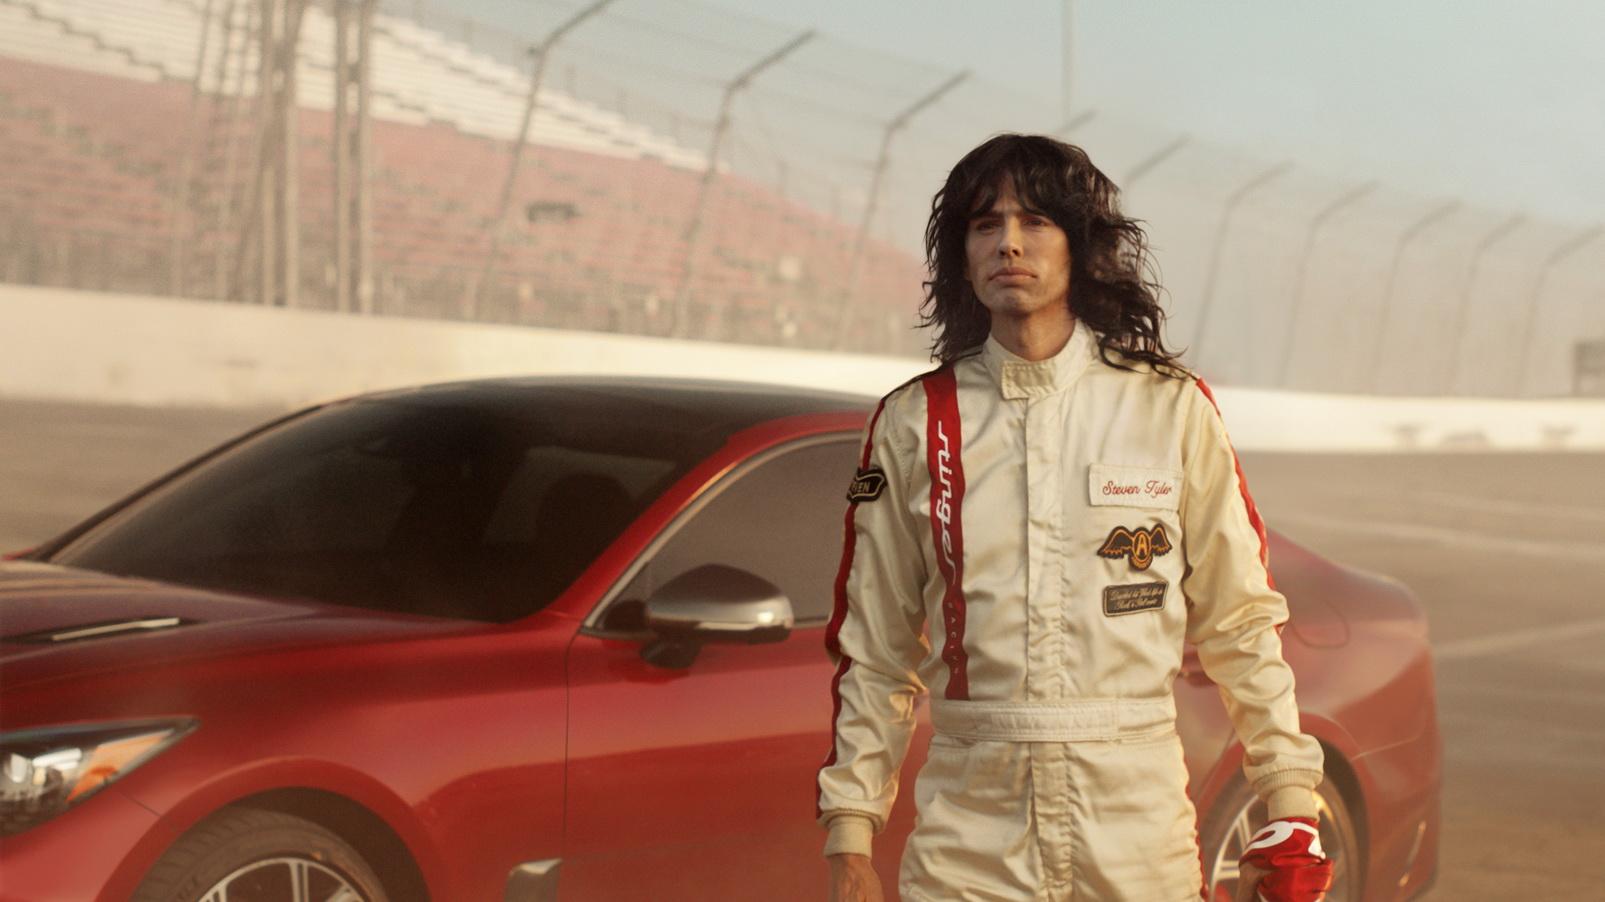 Kia Super Bowl Aerosmith Steven Tyler Emerson Fittipaldi (2)